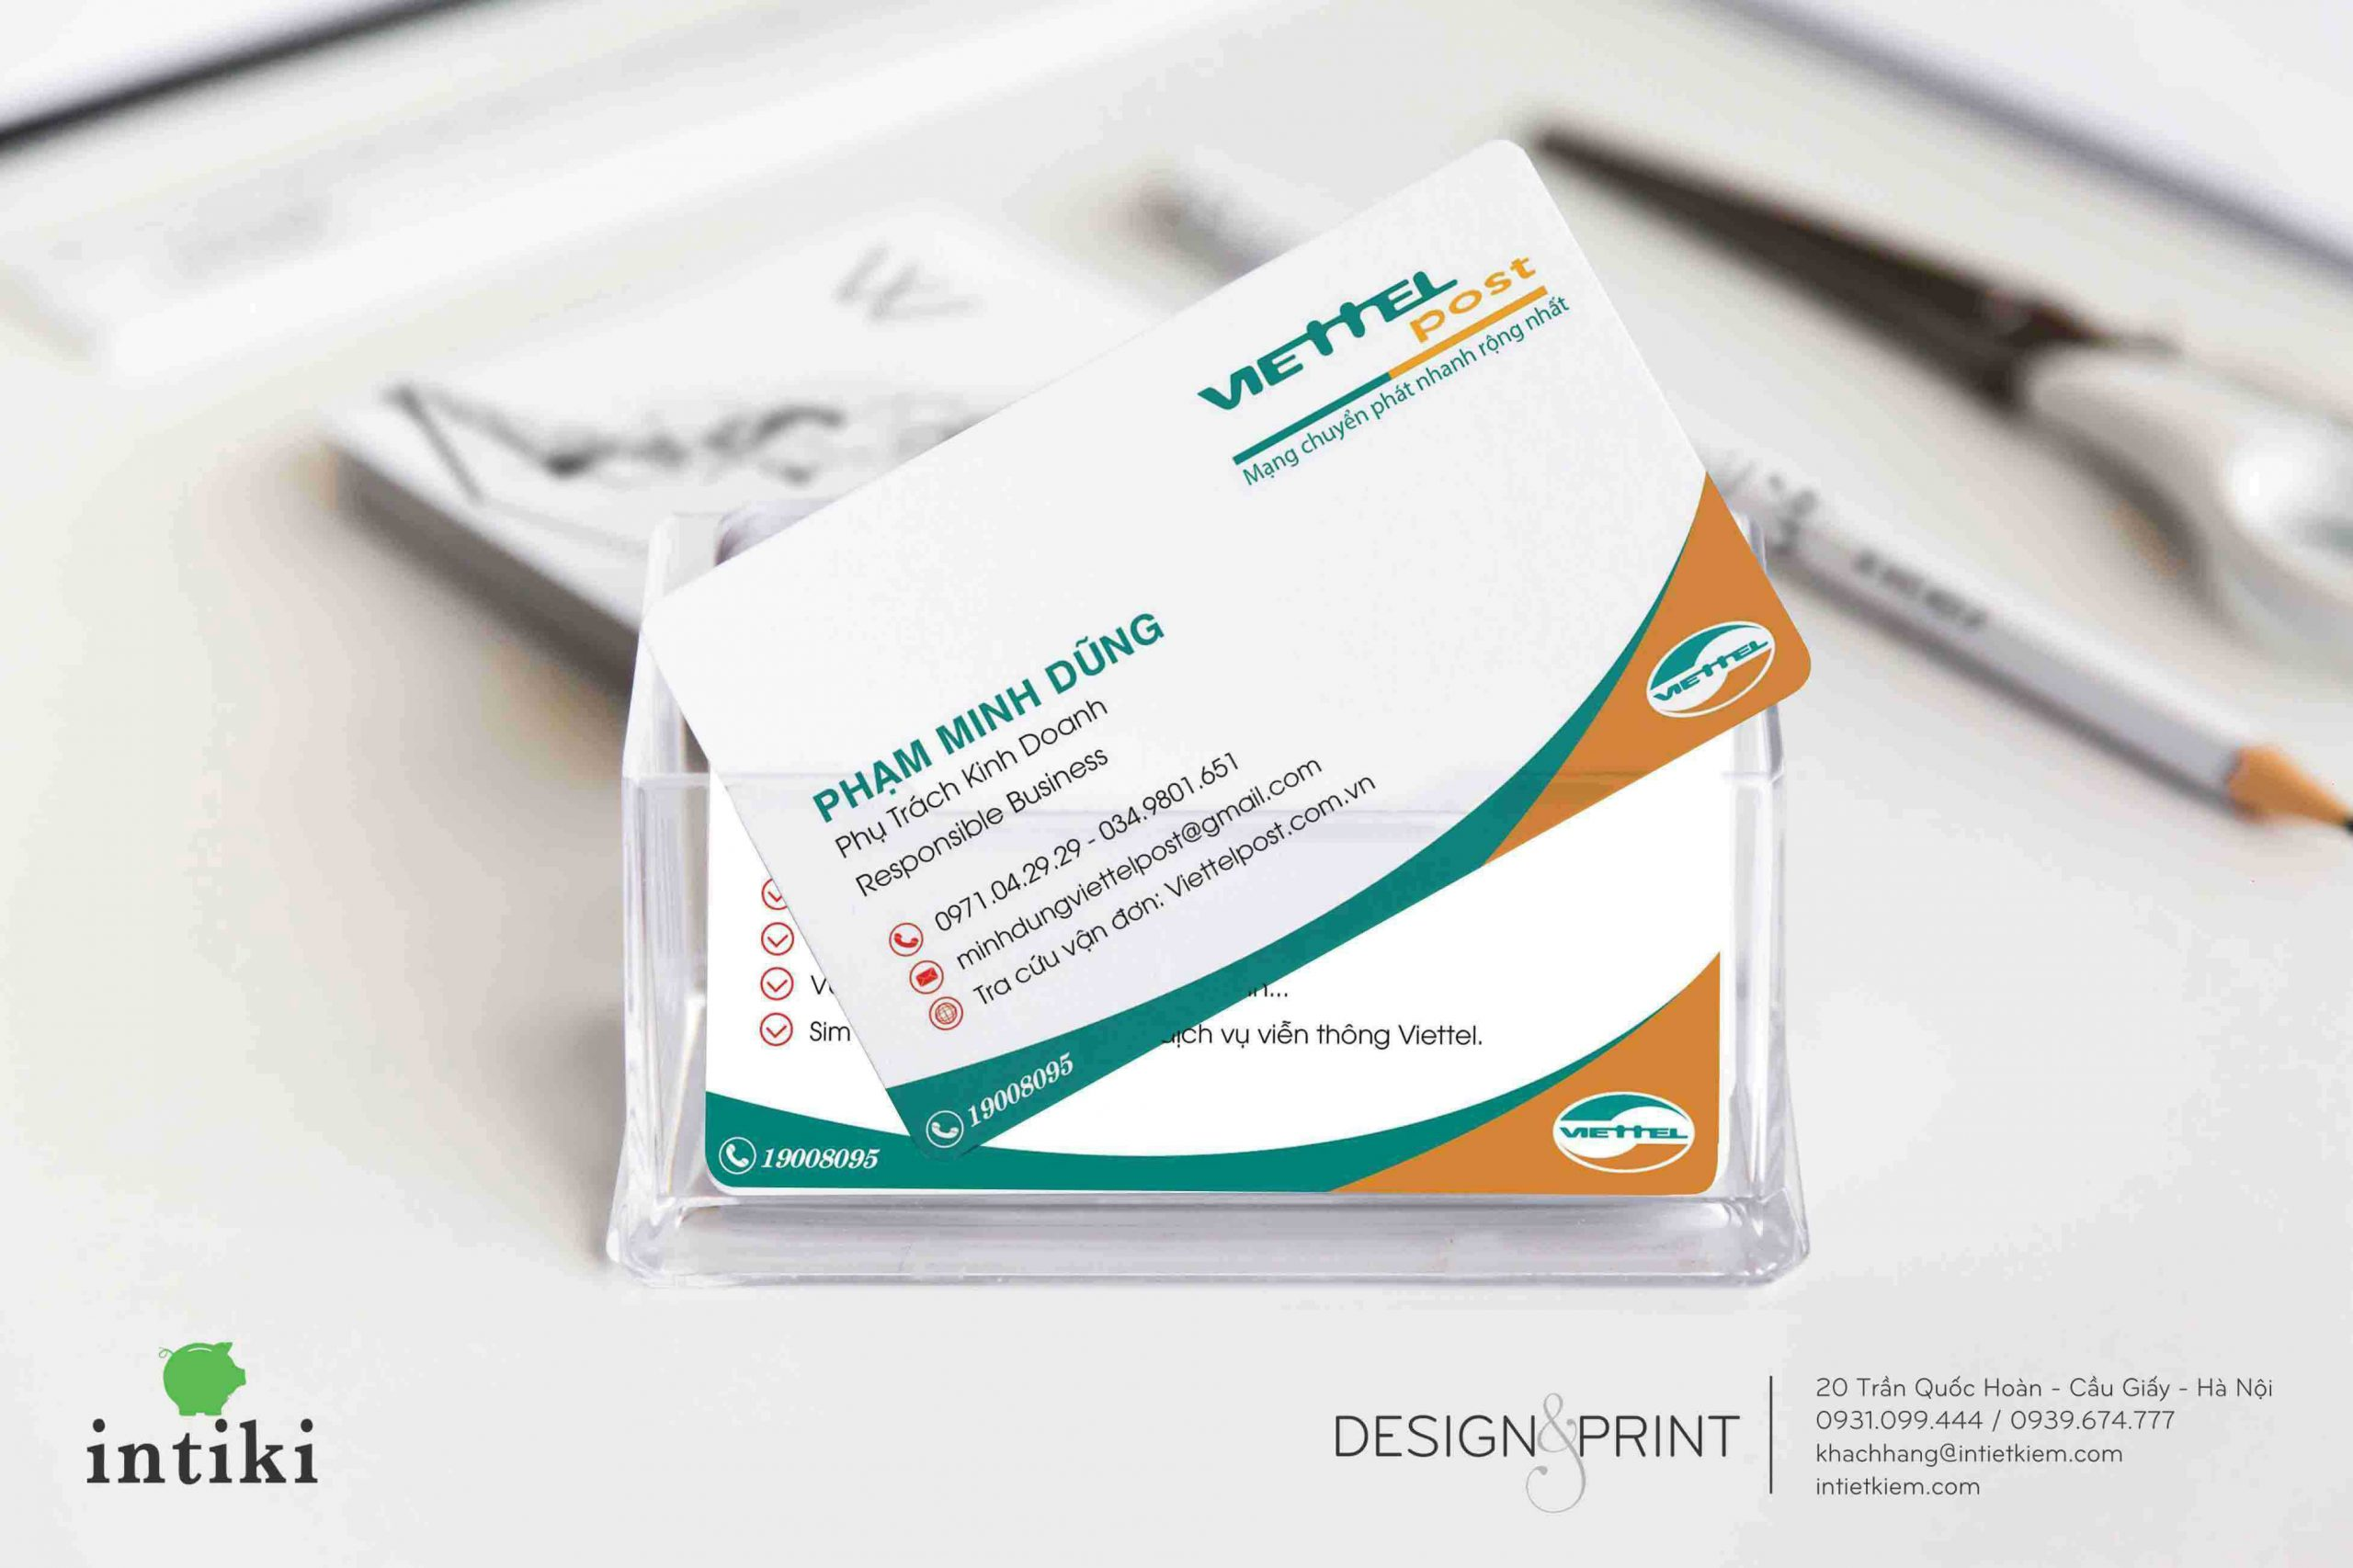 Anh card - Thông tin trên name card luôn đảm bảo yếu tố cần và đủ